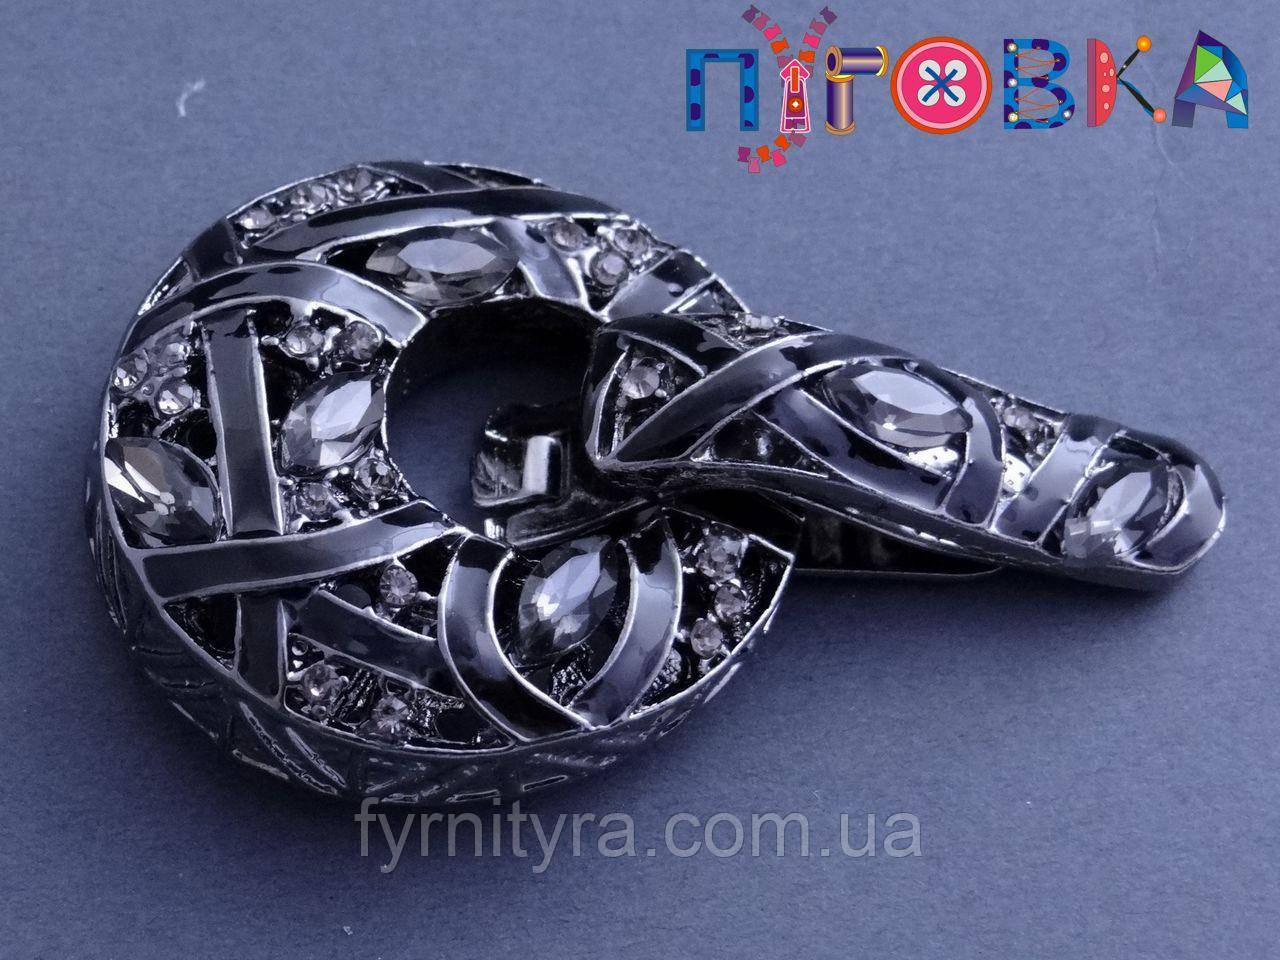 Клипса шубная (шубный крючек) А, 496, black